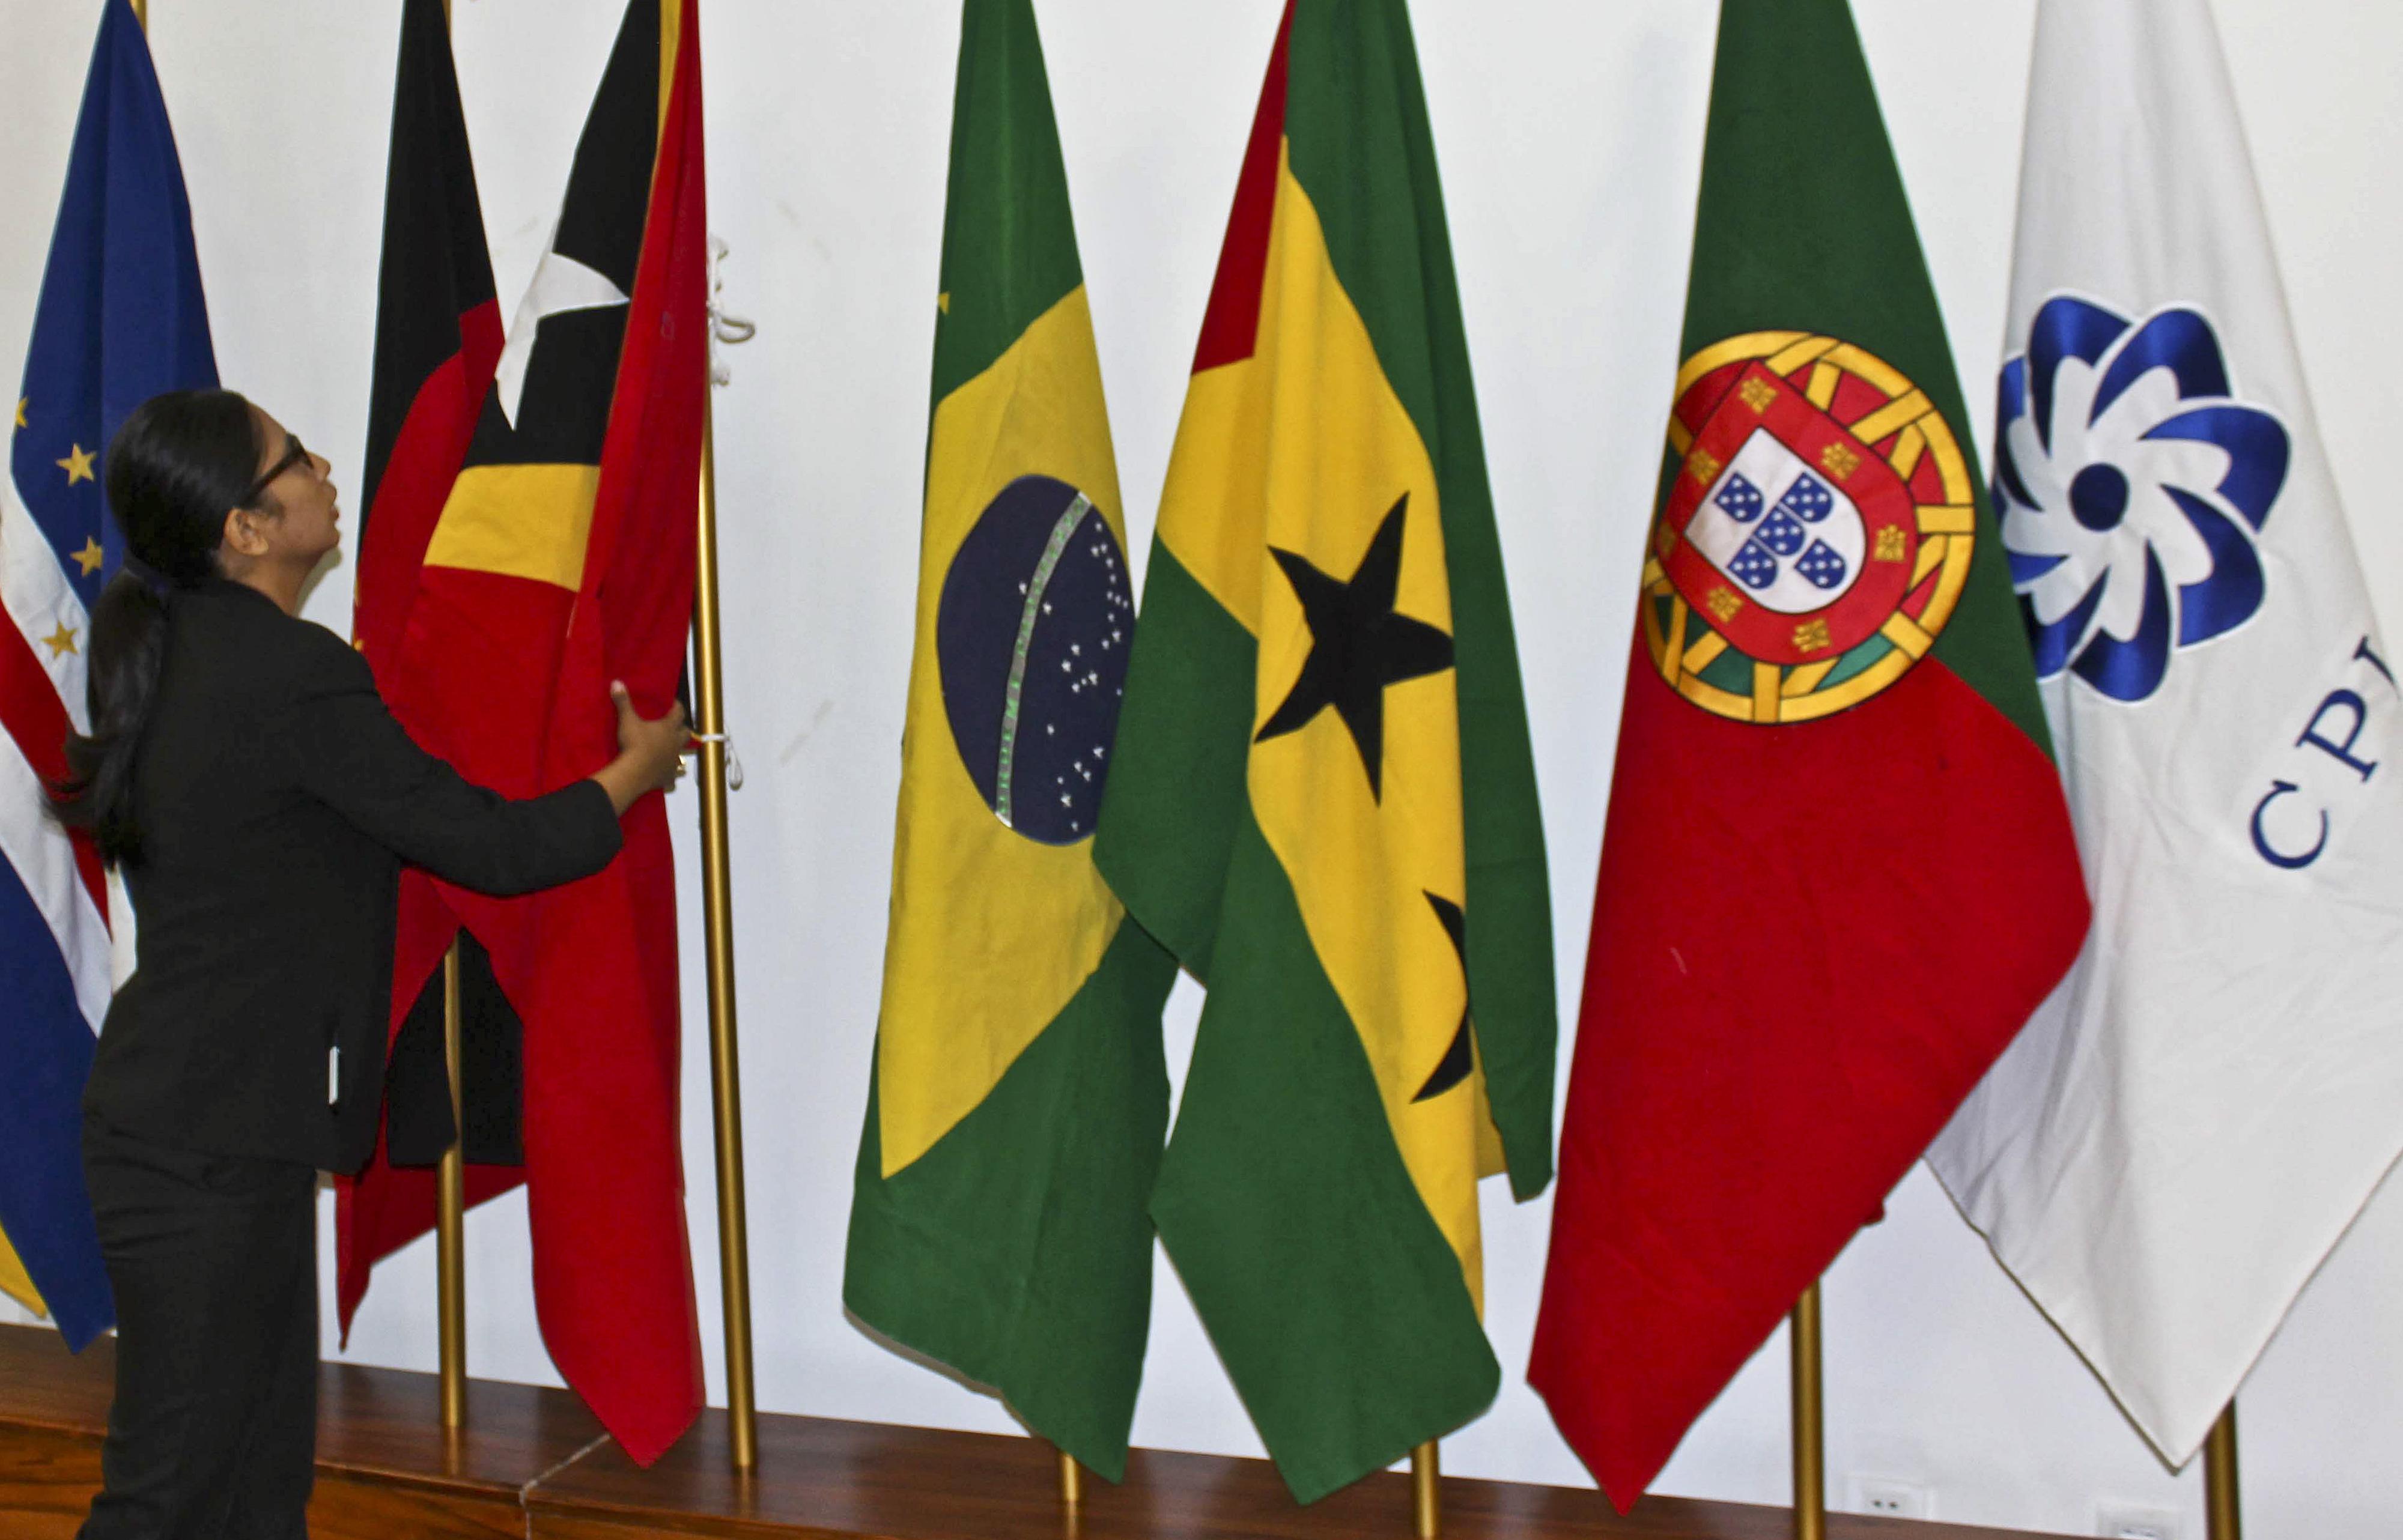 União de Exportadores assina parcerias para fomentar negócios entre países da CPLP